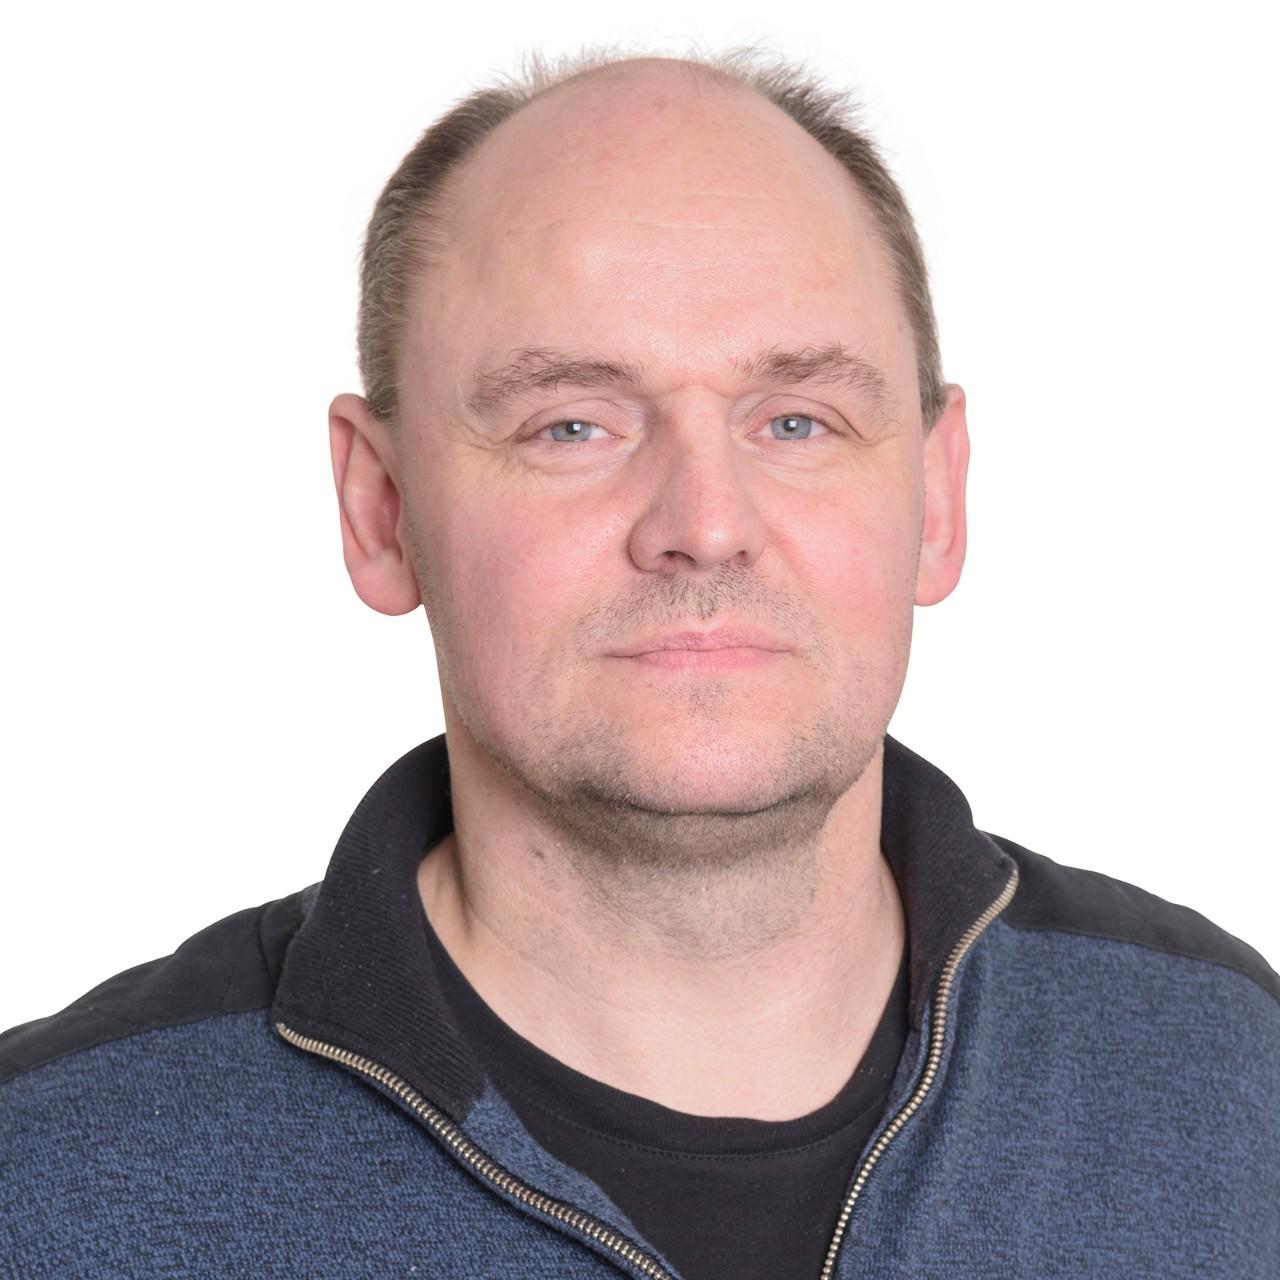 Kalle Rudfjäll